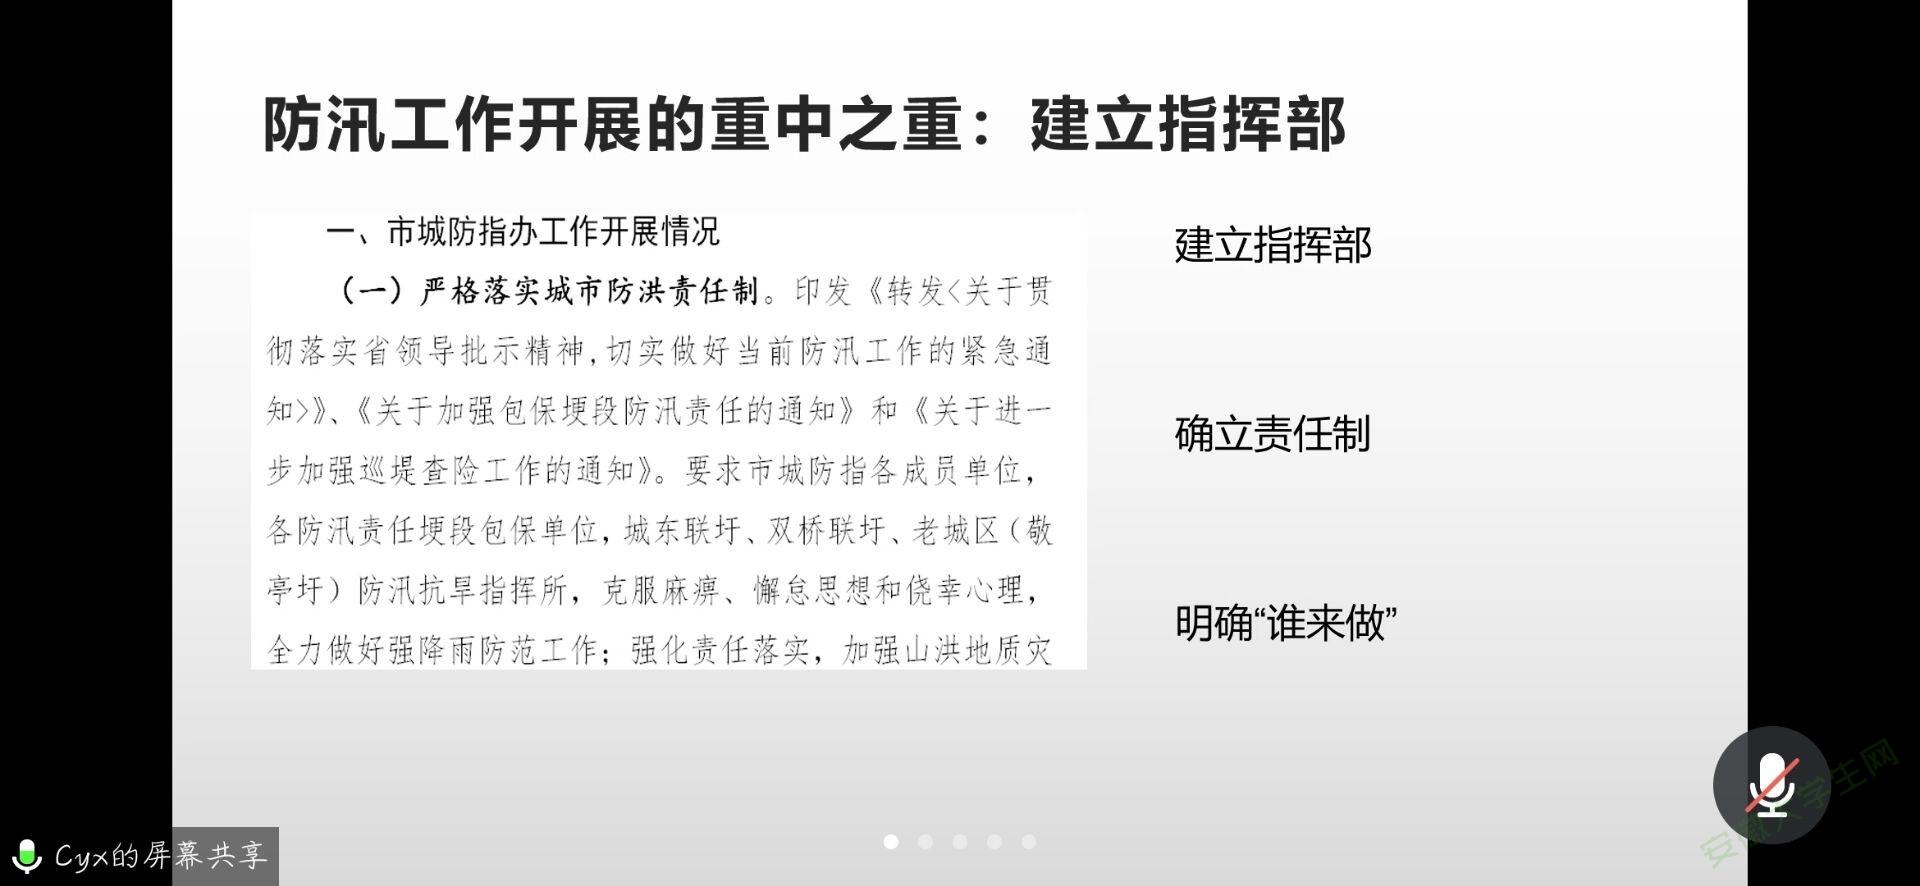 安徽师大学子:学宣城政府防汛,打准备充足之仗